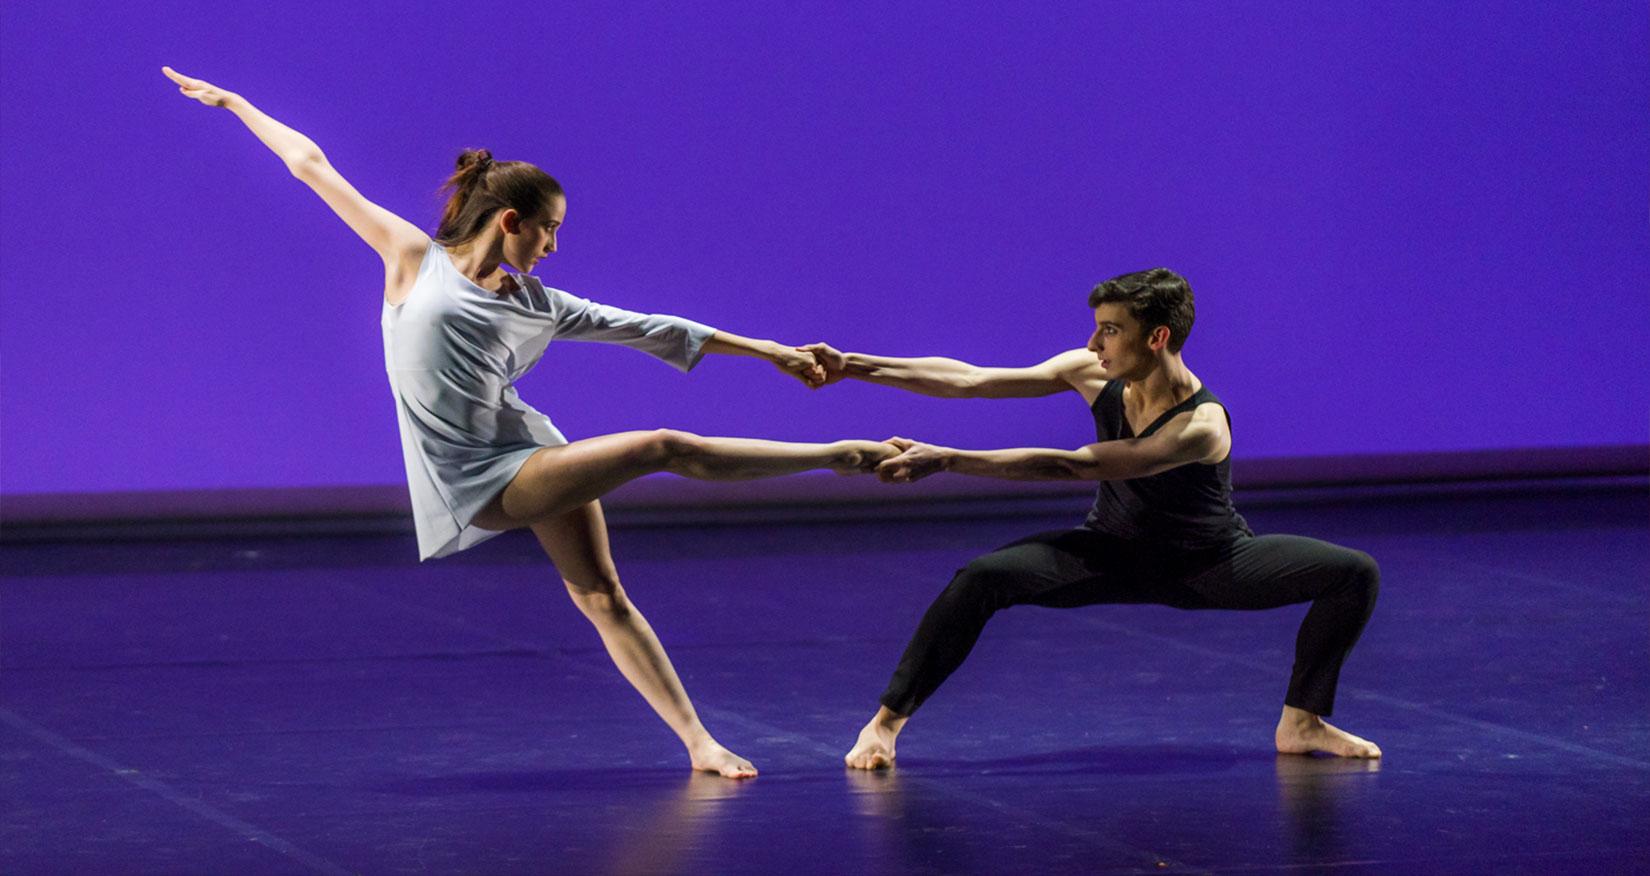 Photo spectacle 2018 des élèves de la formation danseur interprète cycle 2 danse-études diplômant